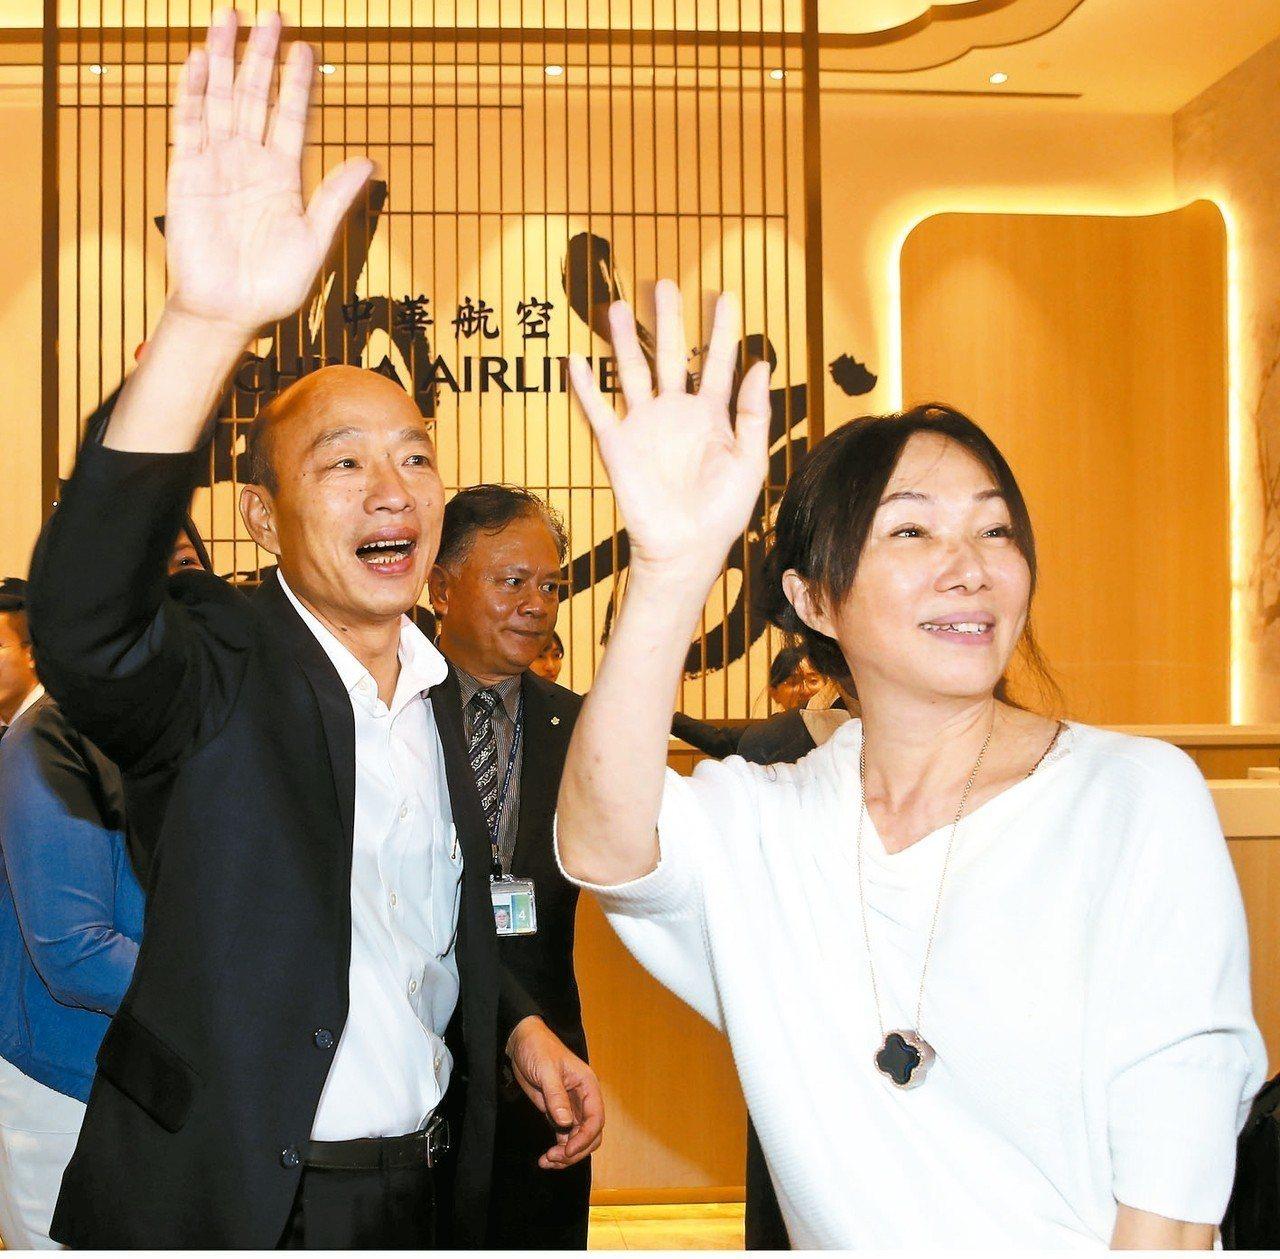 高雄市長韓國瑜夫婦昨天深夜搭機前往美國訪問,國民黨今中常會暫緩提報總統提名要點與...